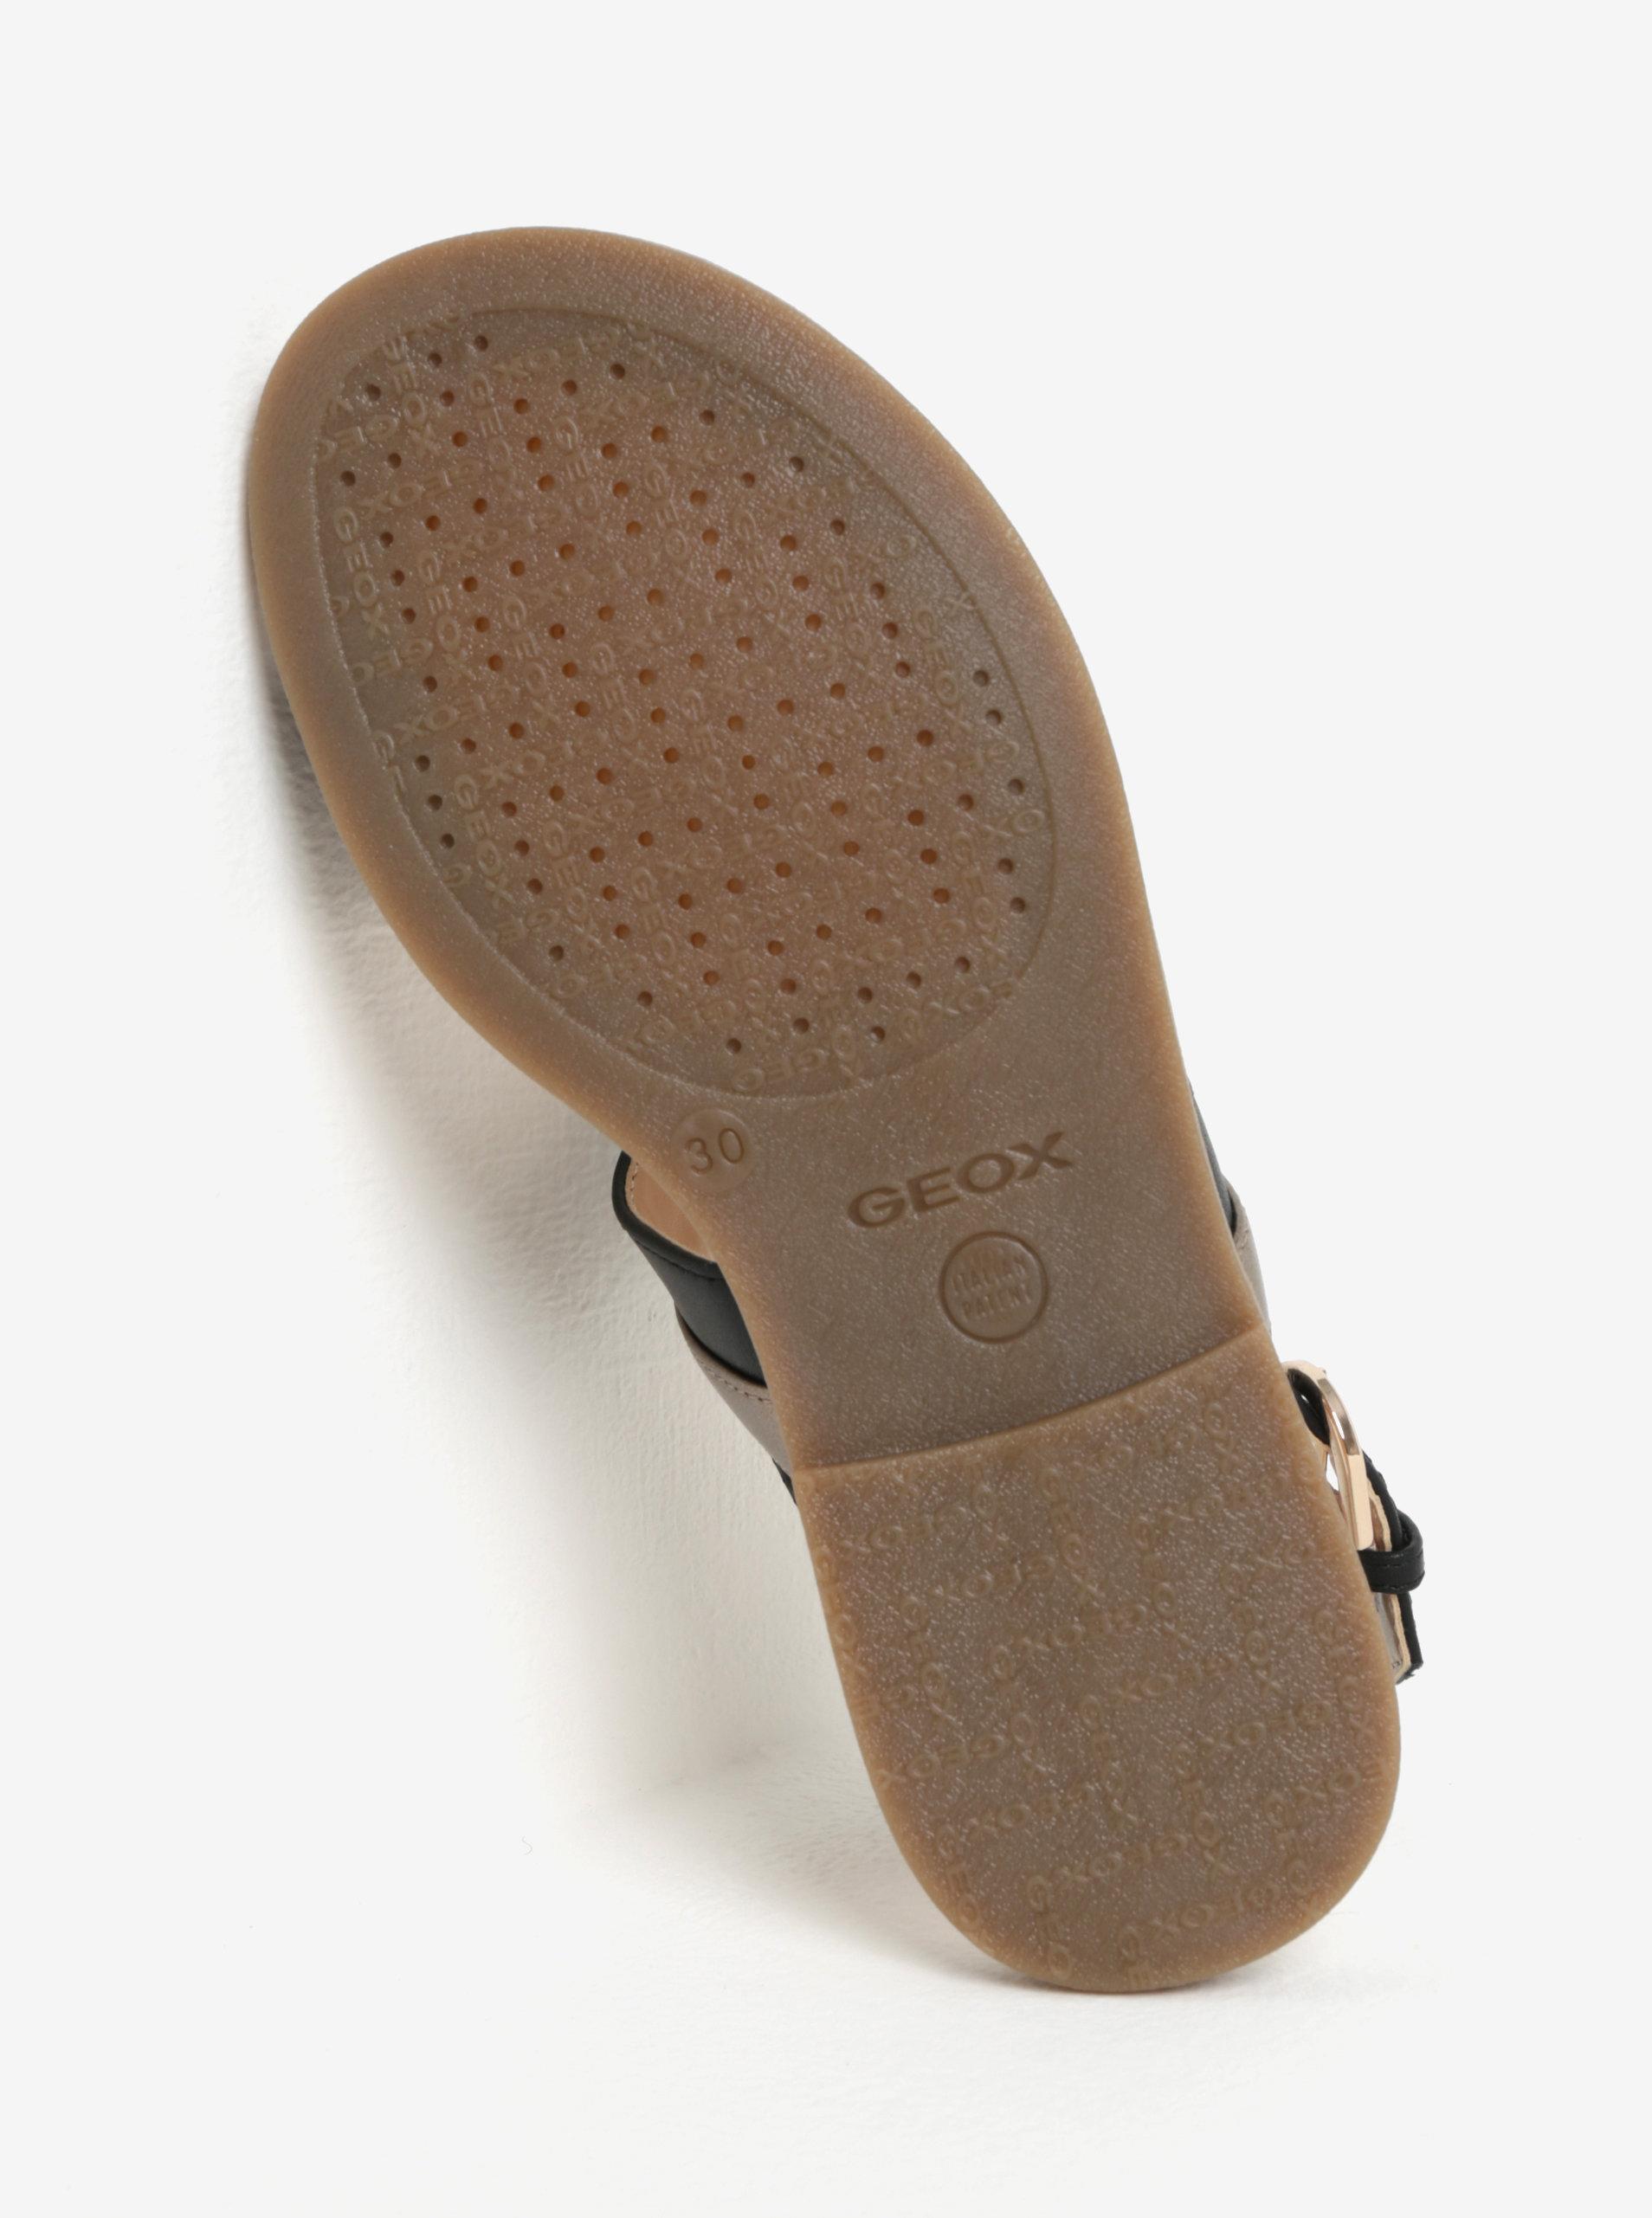 aade15bf40 Dievčenské sandáliky v zlato-čiernej farbe Geox Karly ...